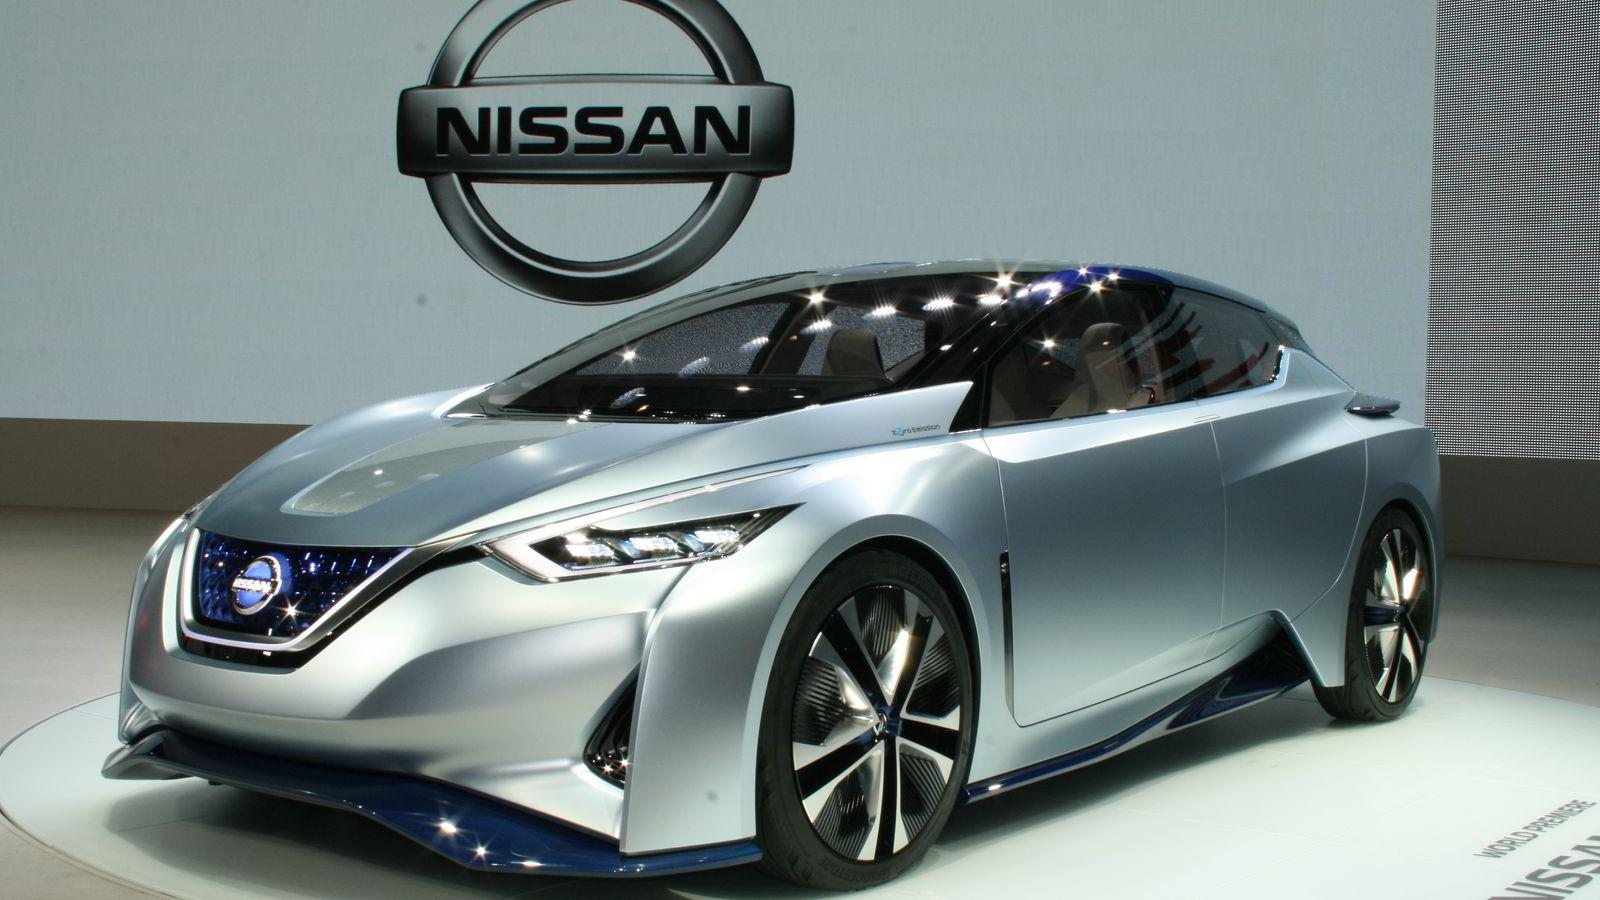 Kan neste generasjon Leaf få designtrekk fra denne konseptbilen?